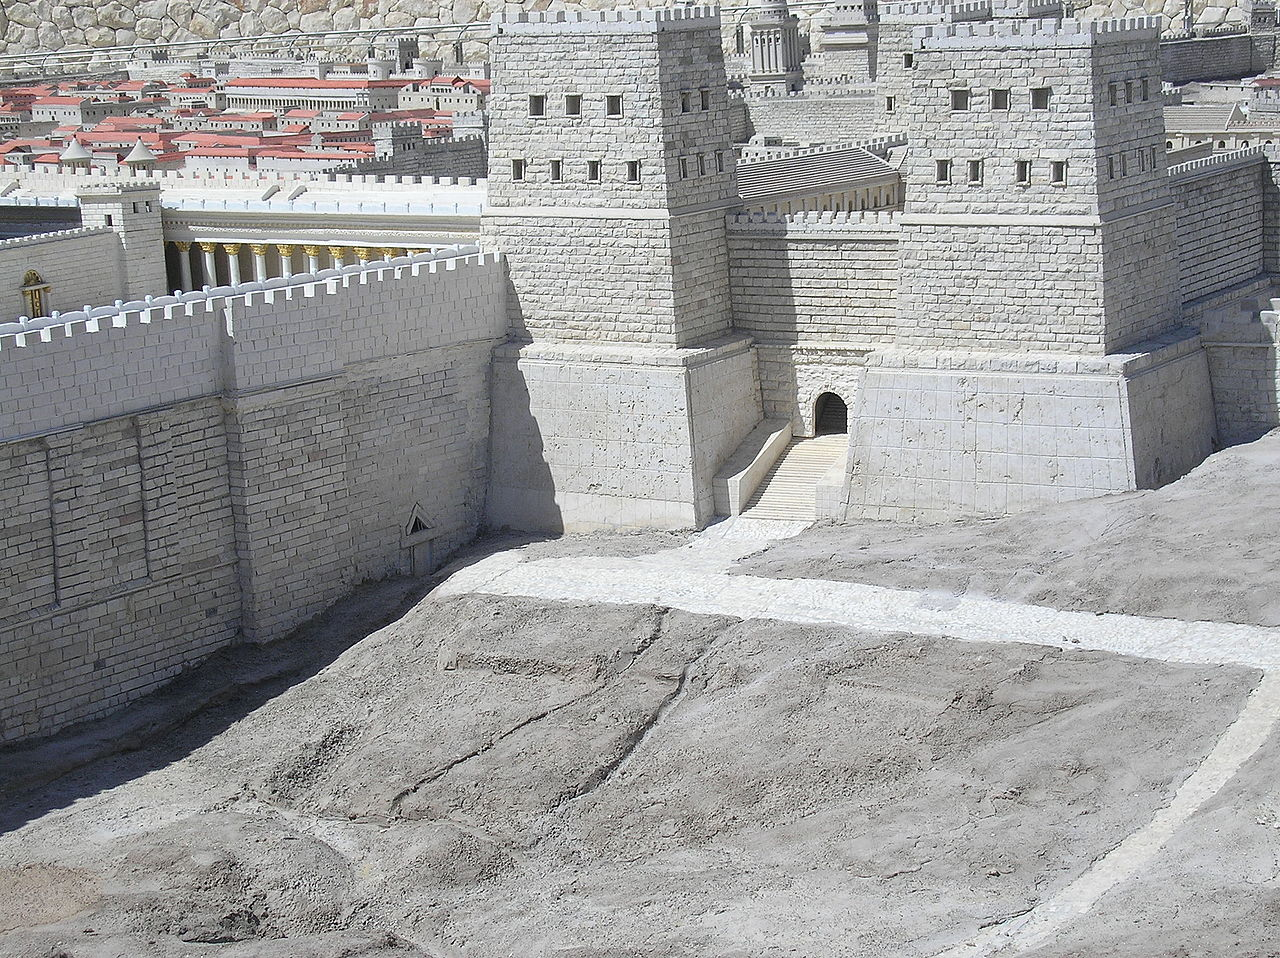 La fortezza Antonia